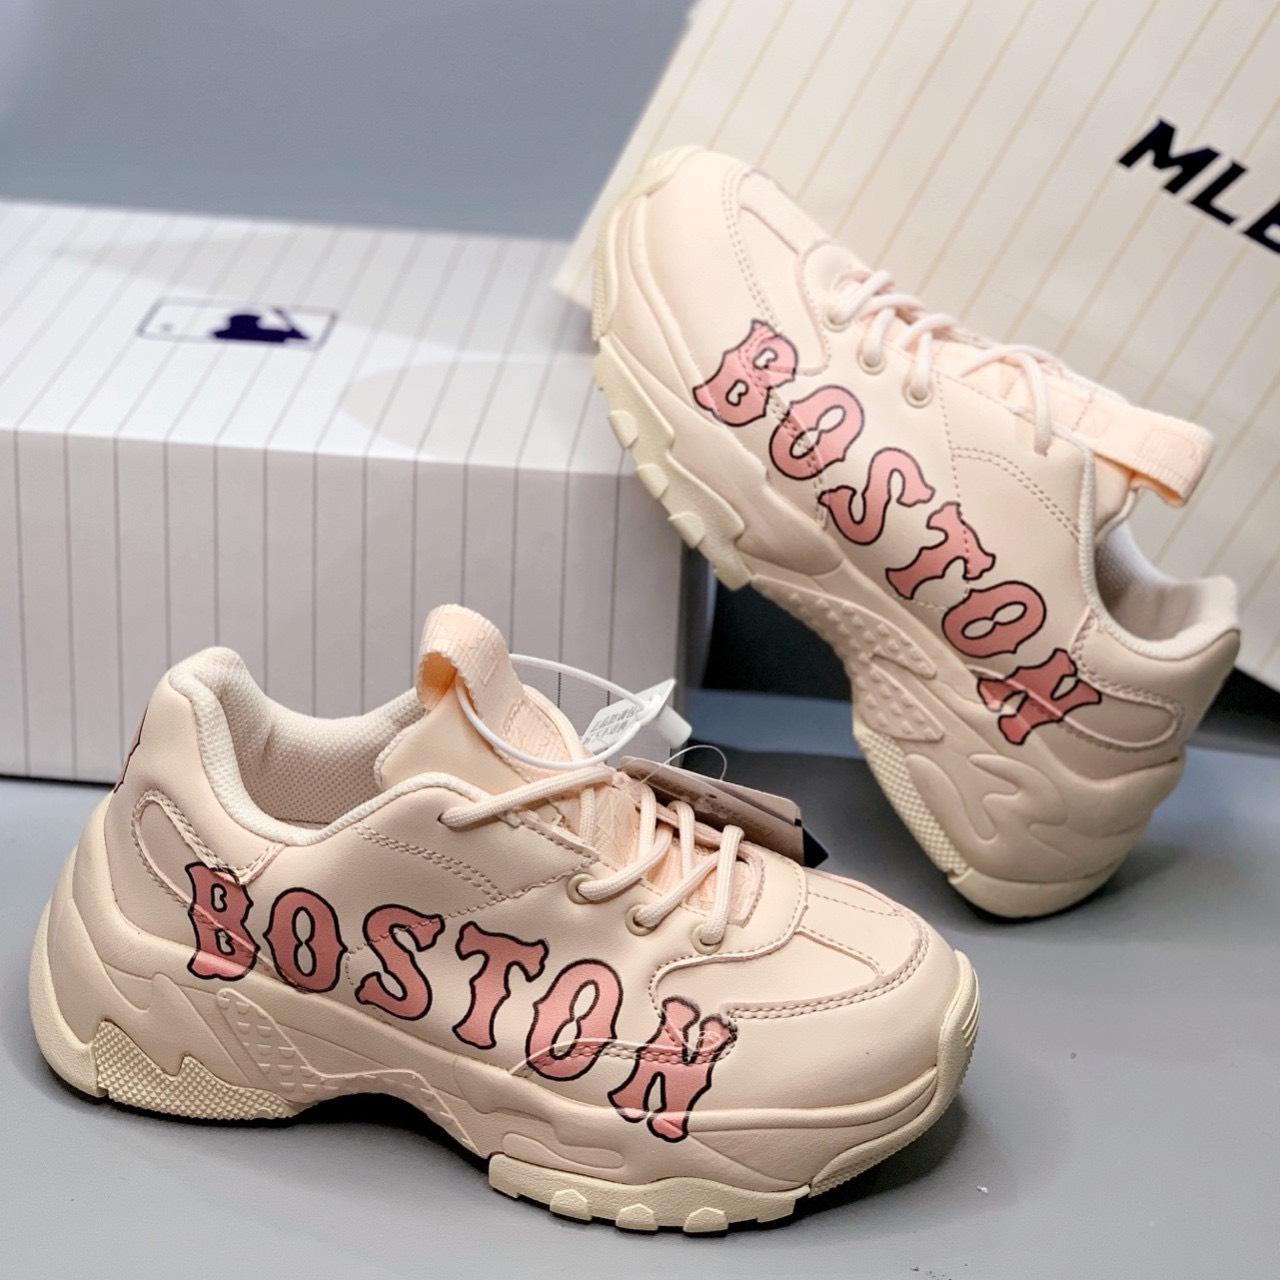 giày MLB chính hãng giá bao nhiêu